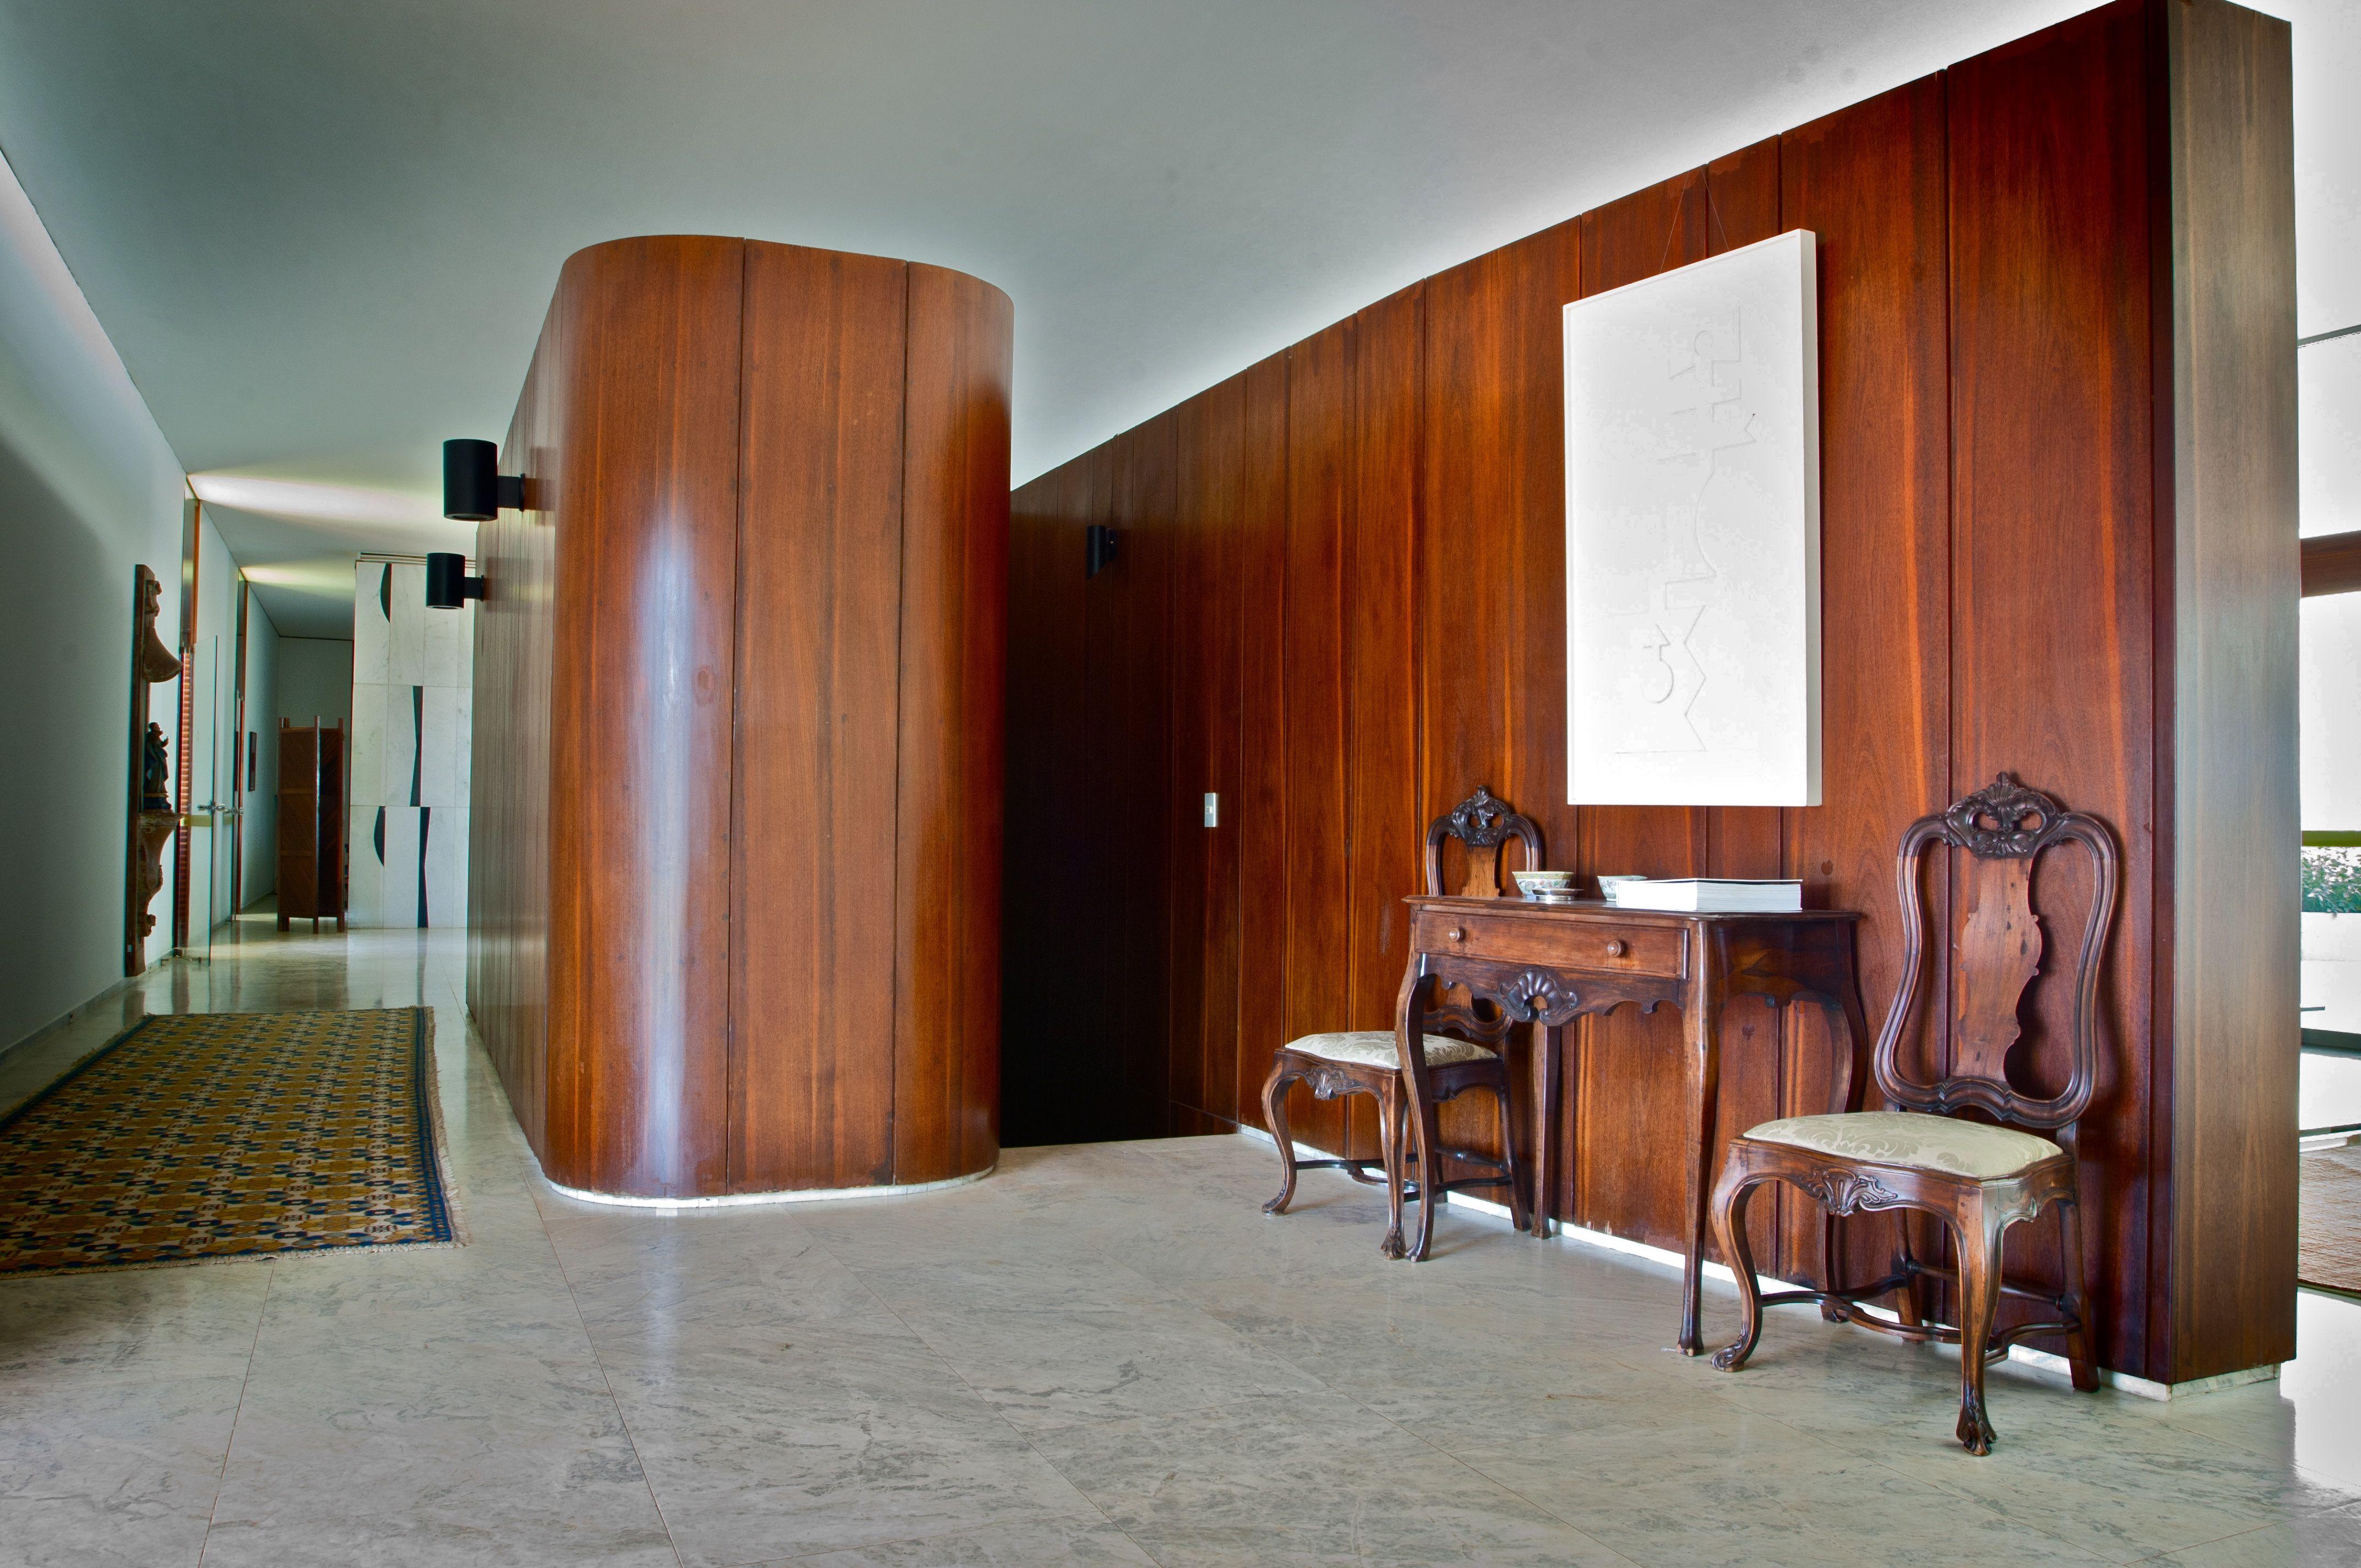 Detalhe do hall do Palácio Jaburu. Foto: Aluízio de Assis / Divulgação.